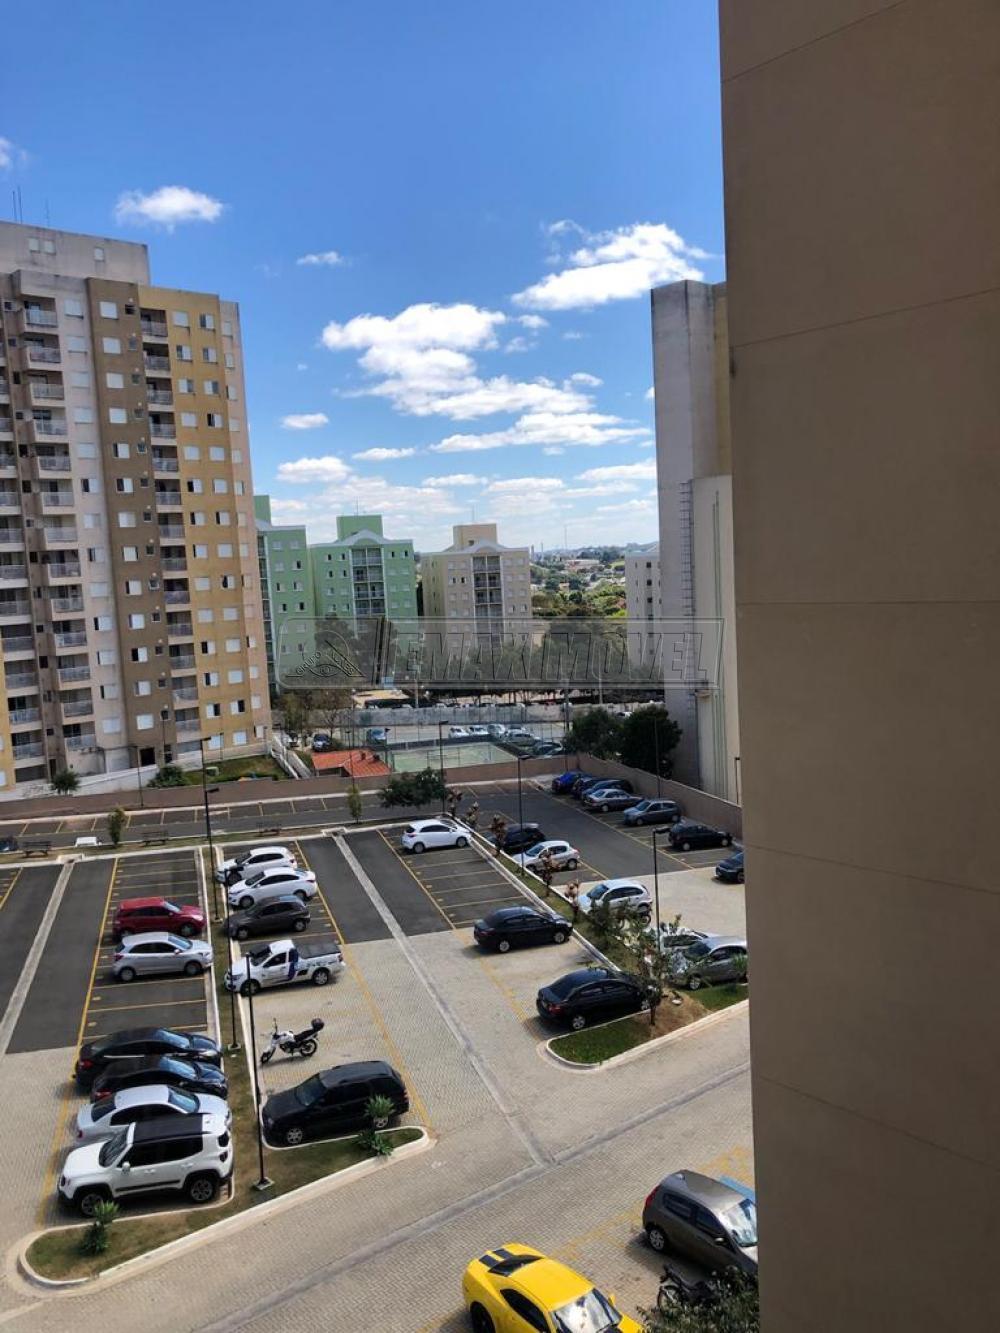 Comprar Apartamentos / Apto Padrão em Sorocaba apenas R$ 220.000,00 - Foto 10